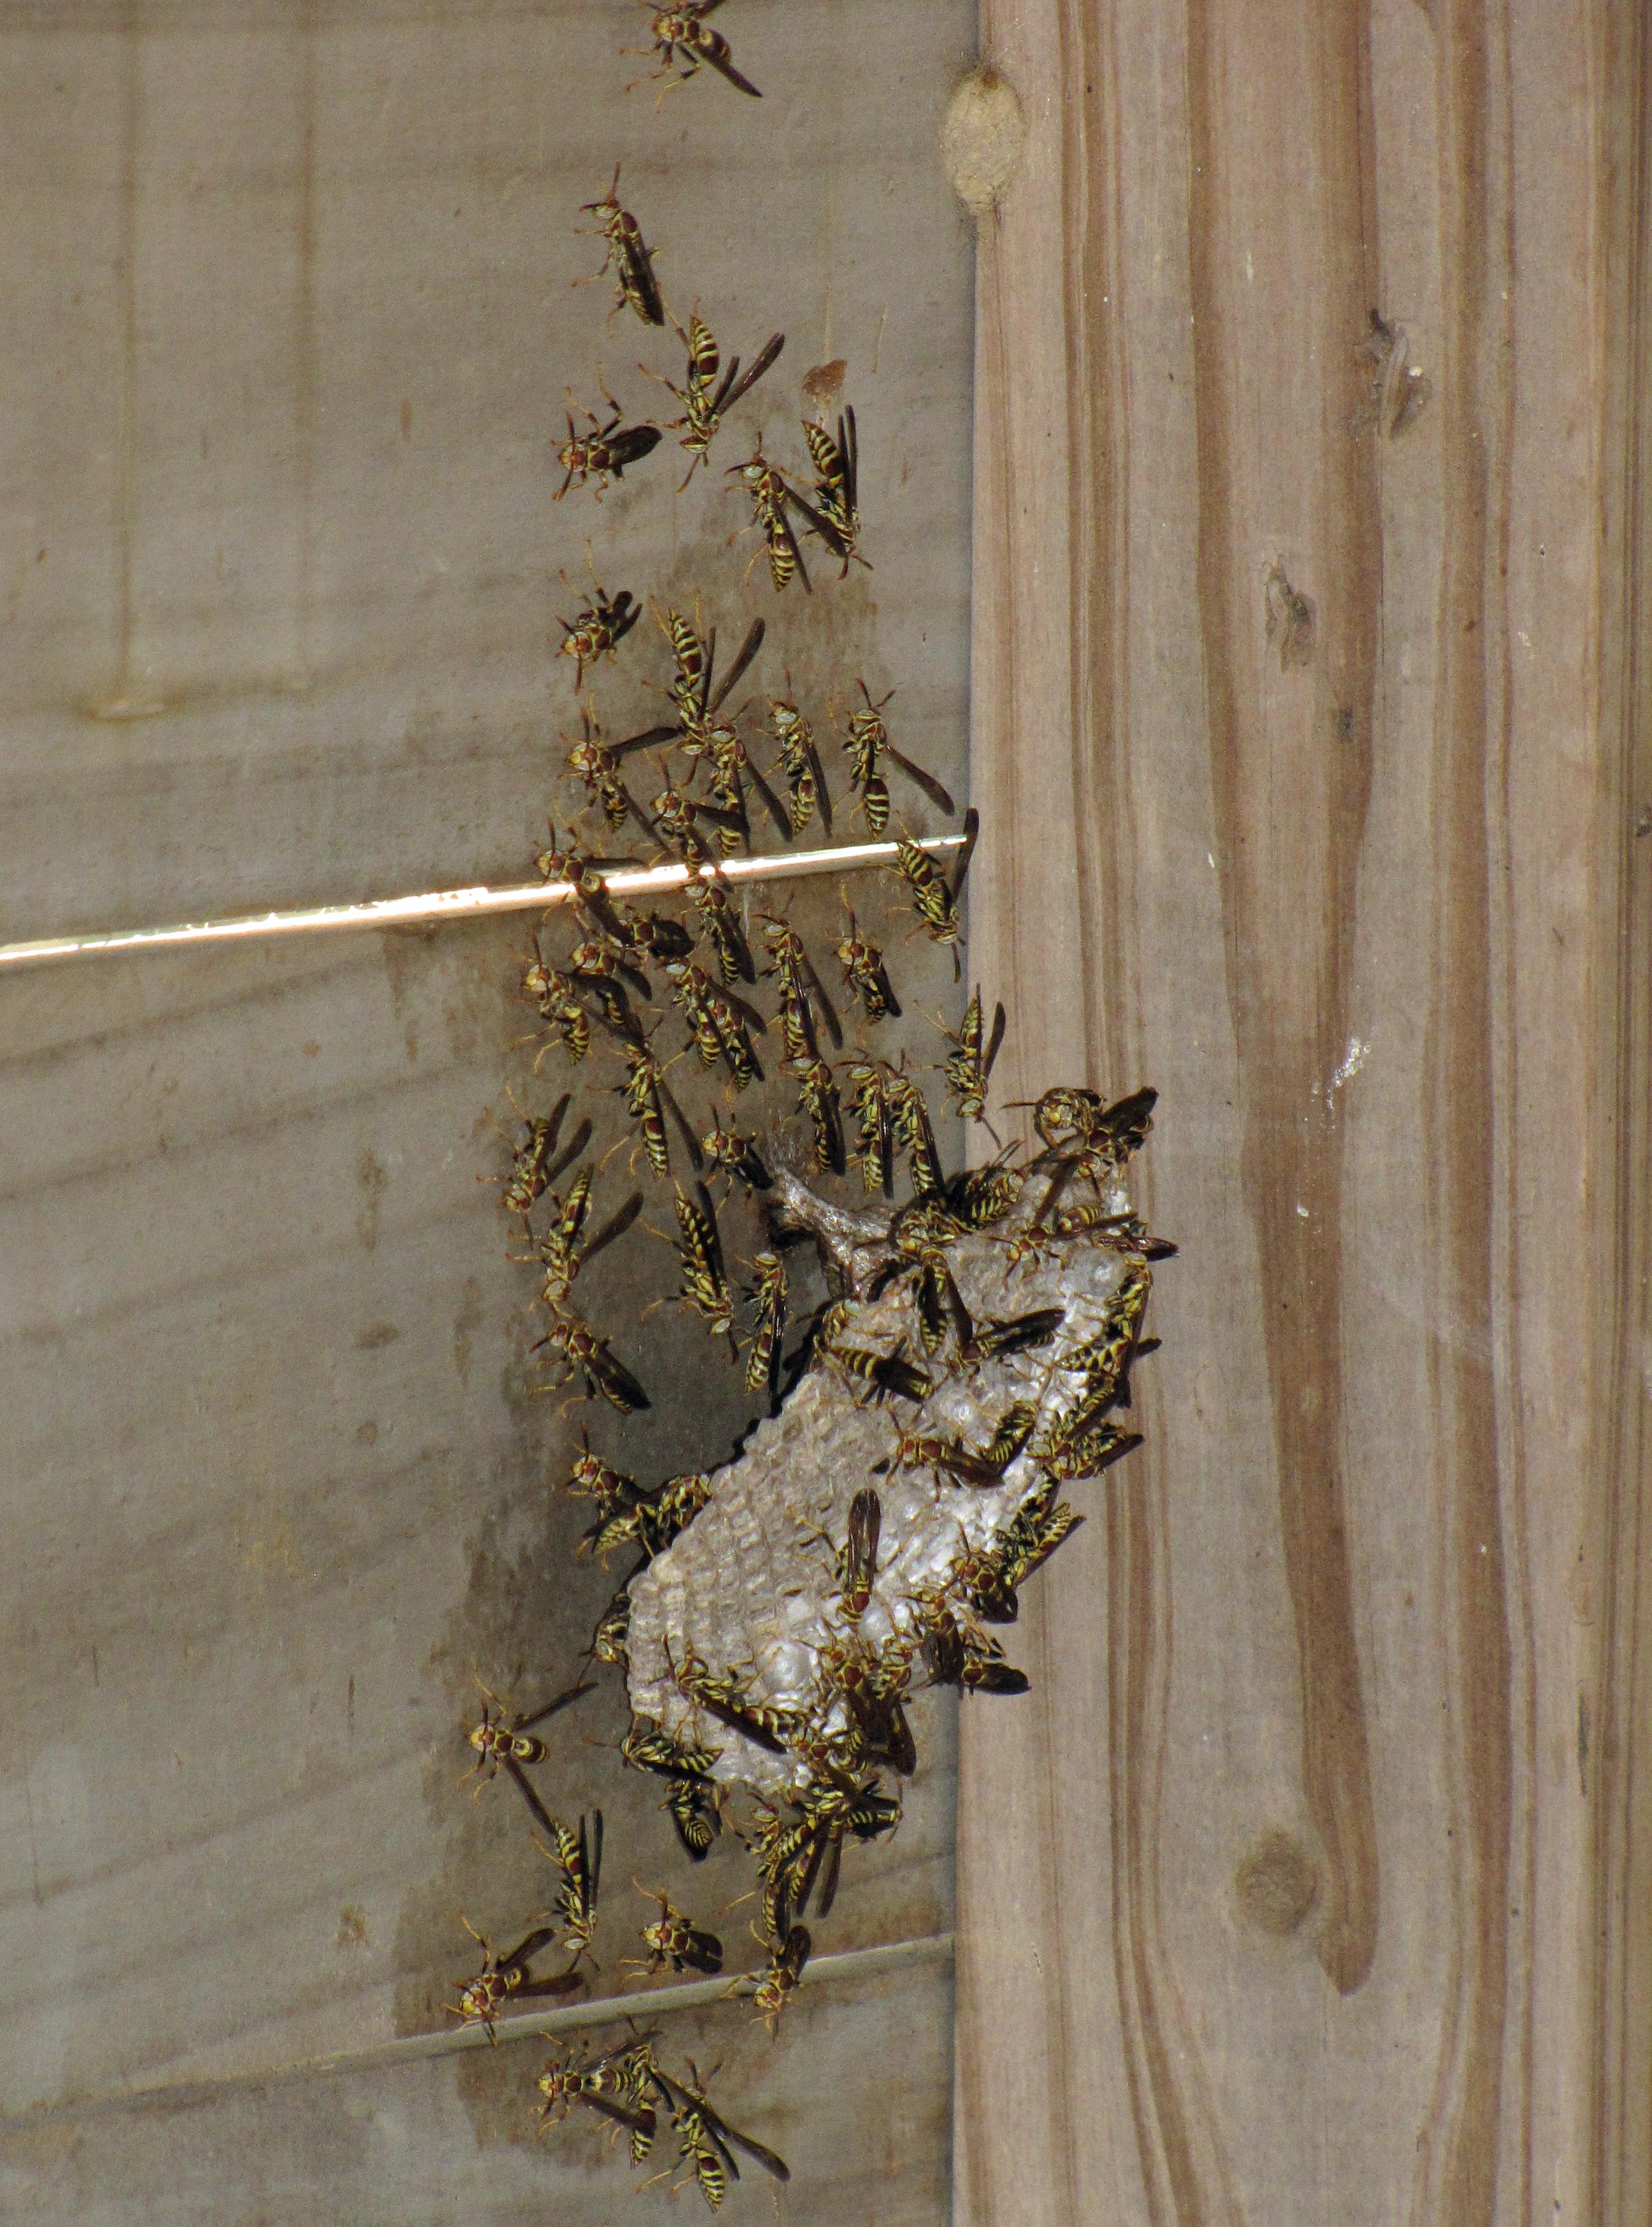 Single hornet nest